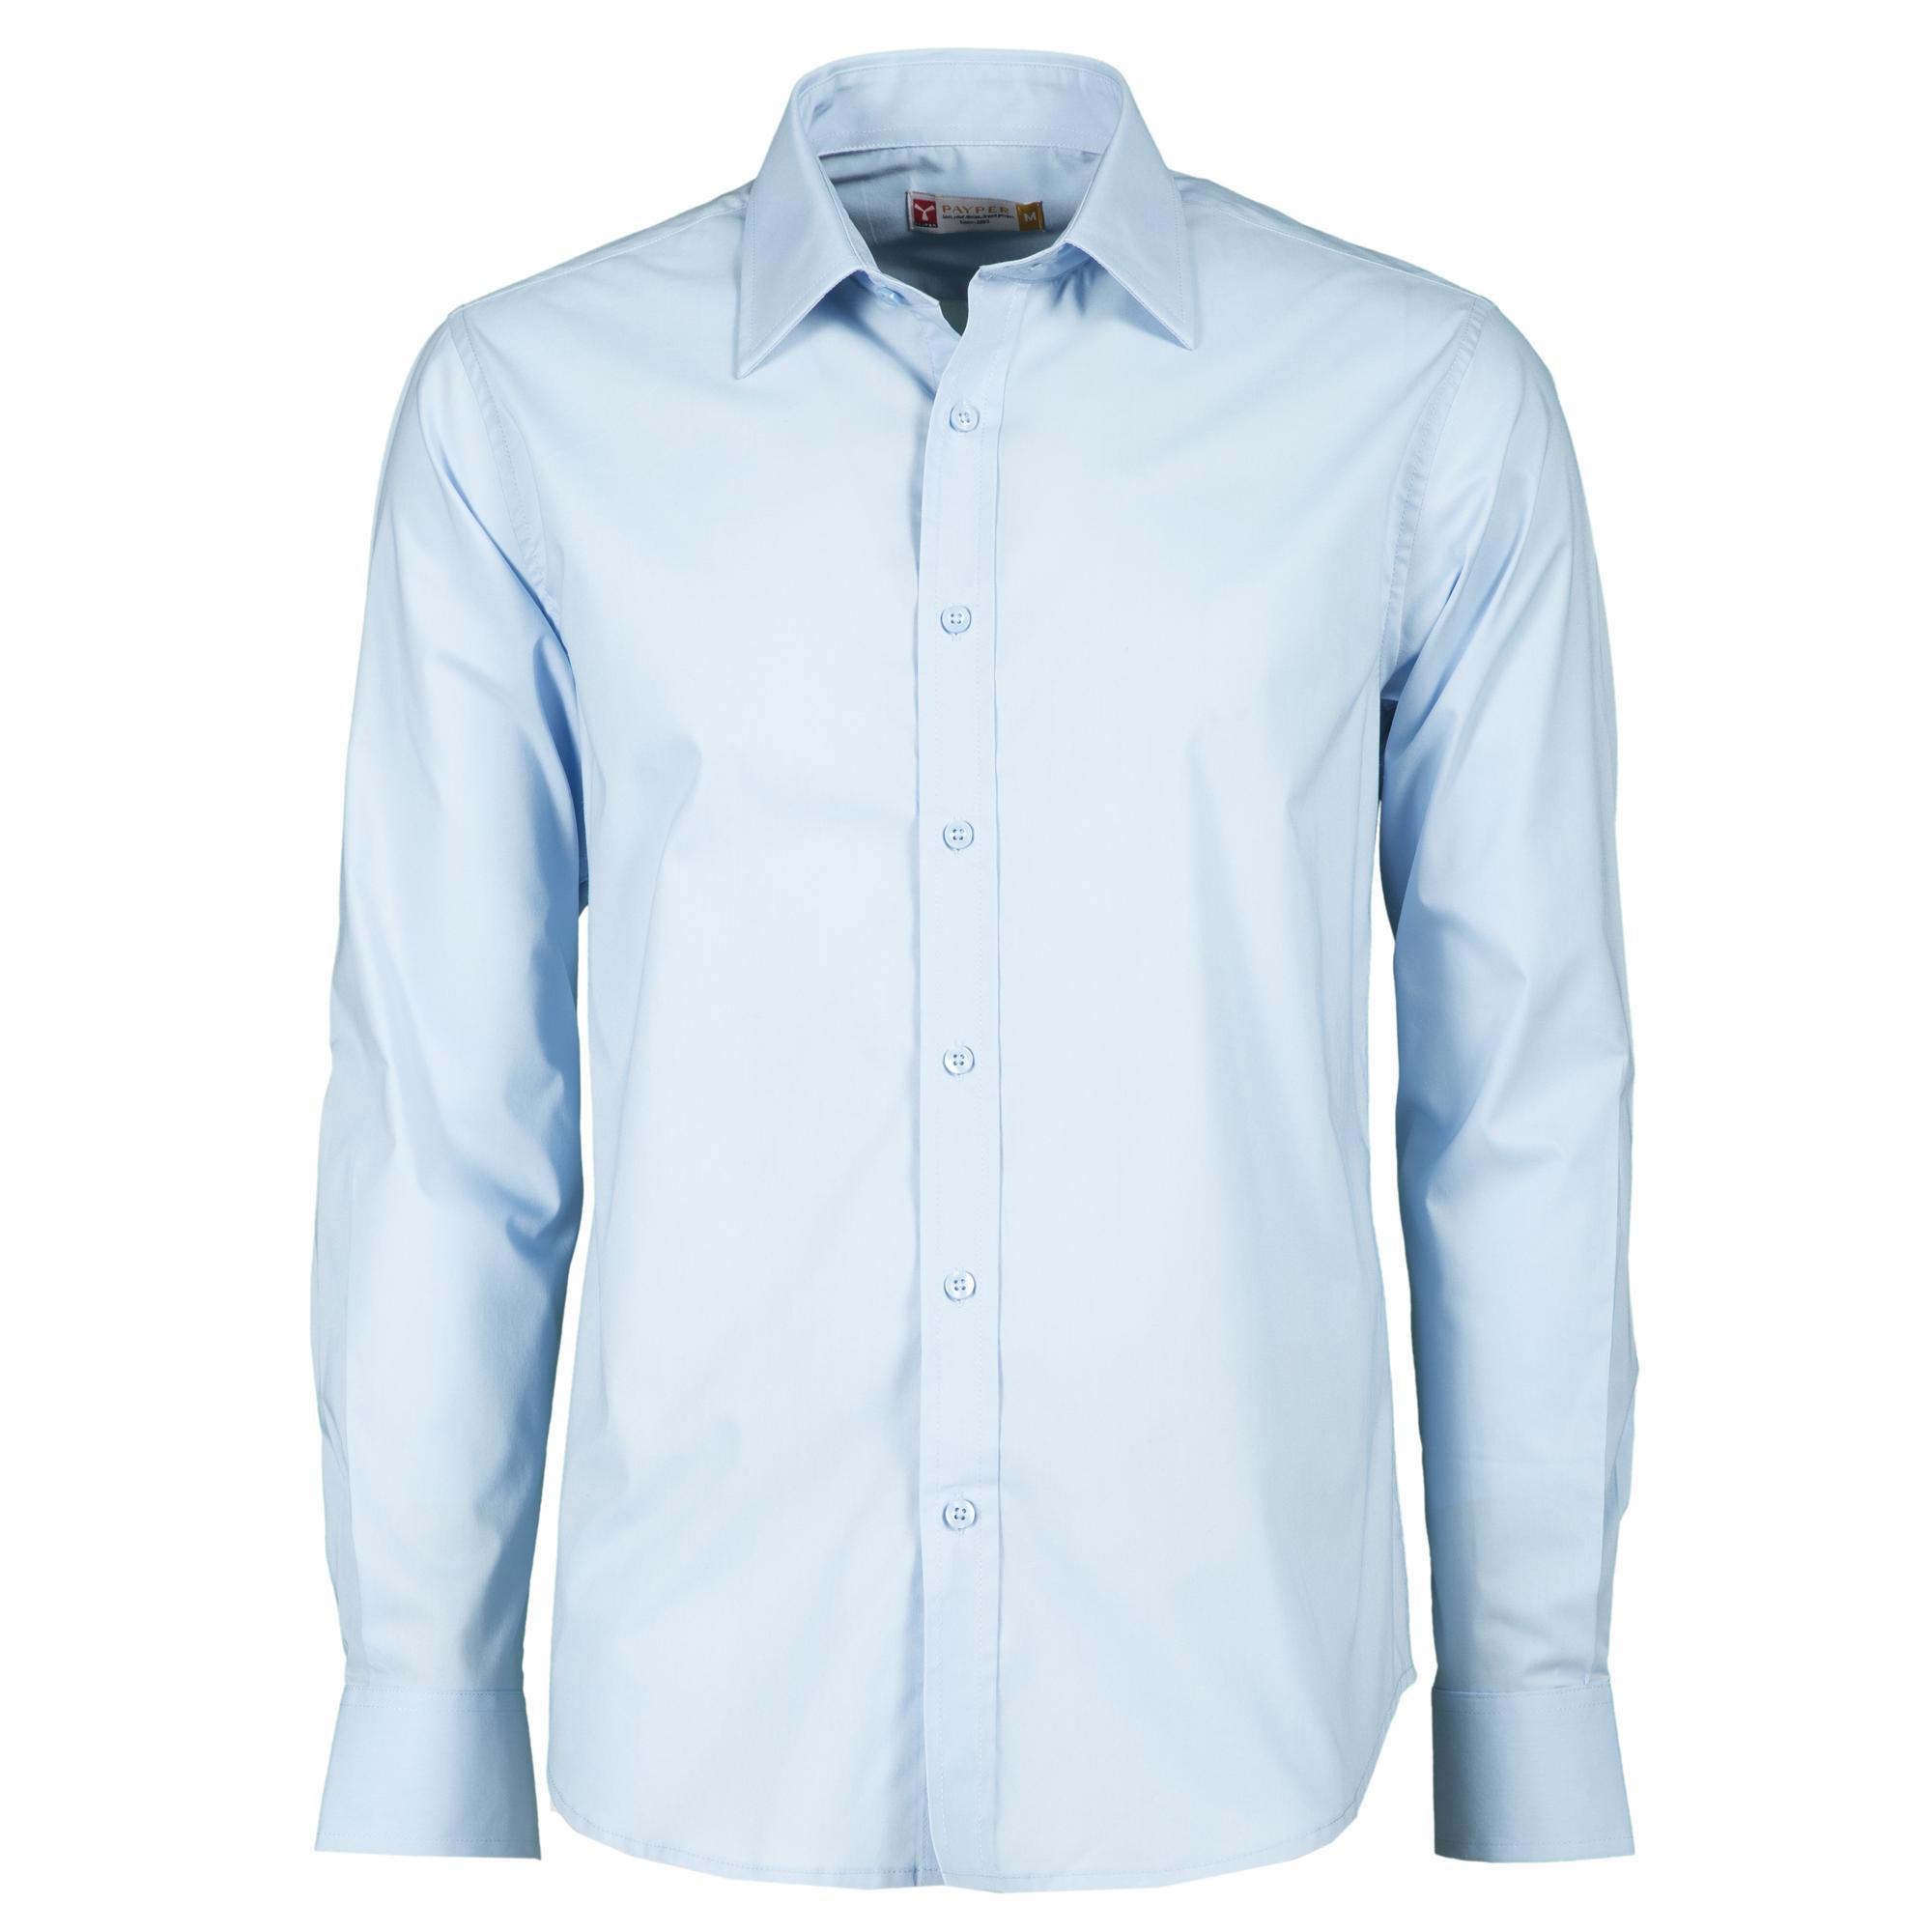 pretty nice 0d18b 4a41e Camicia da uomo da lavoro PAYPER-BRIGHTON